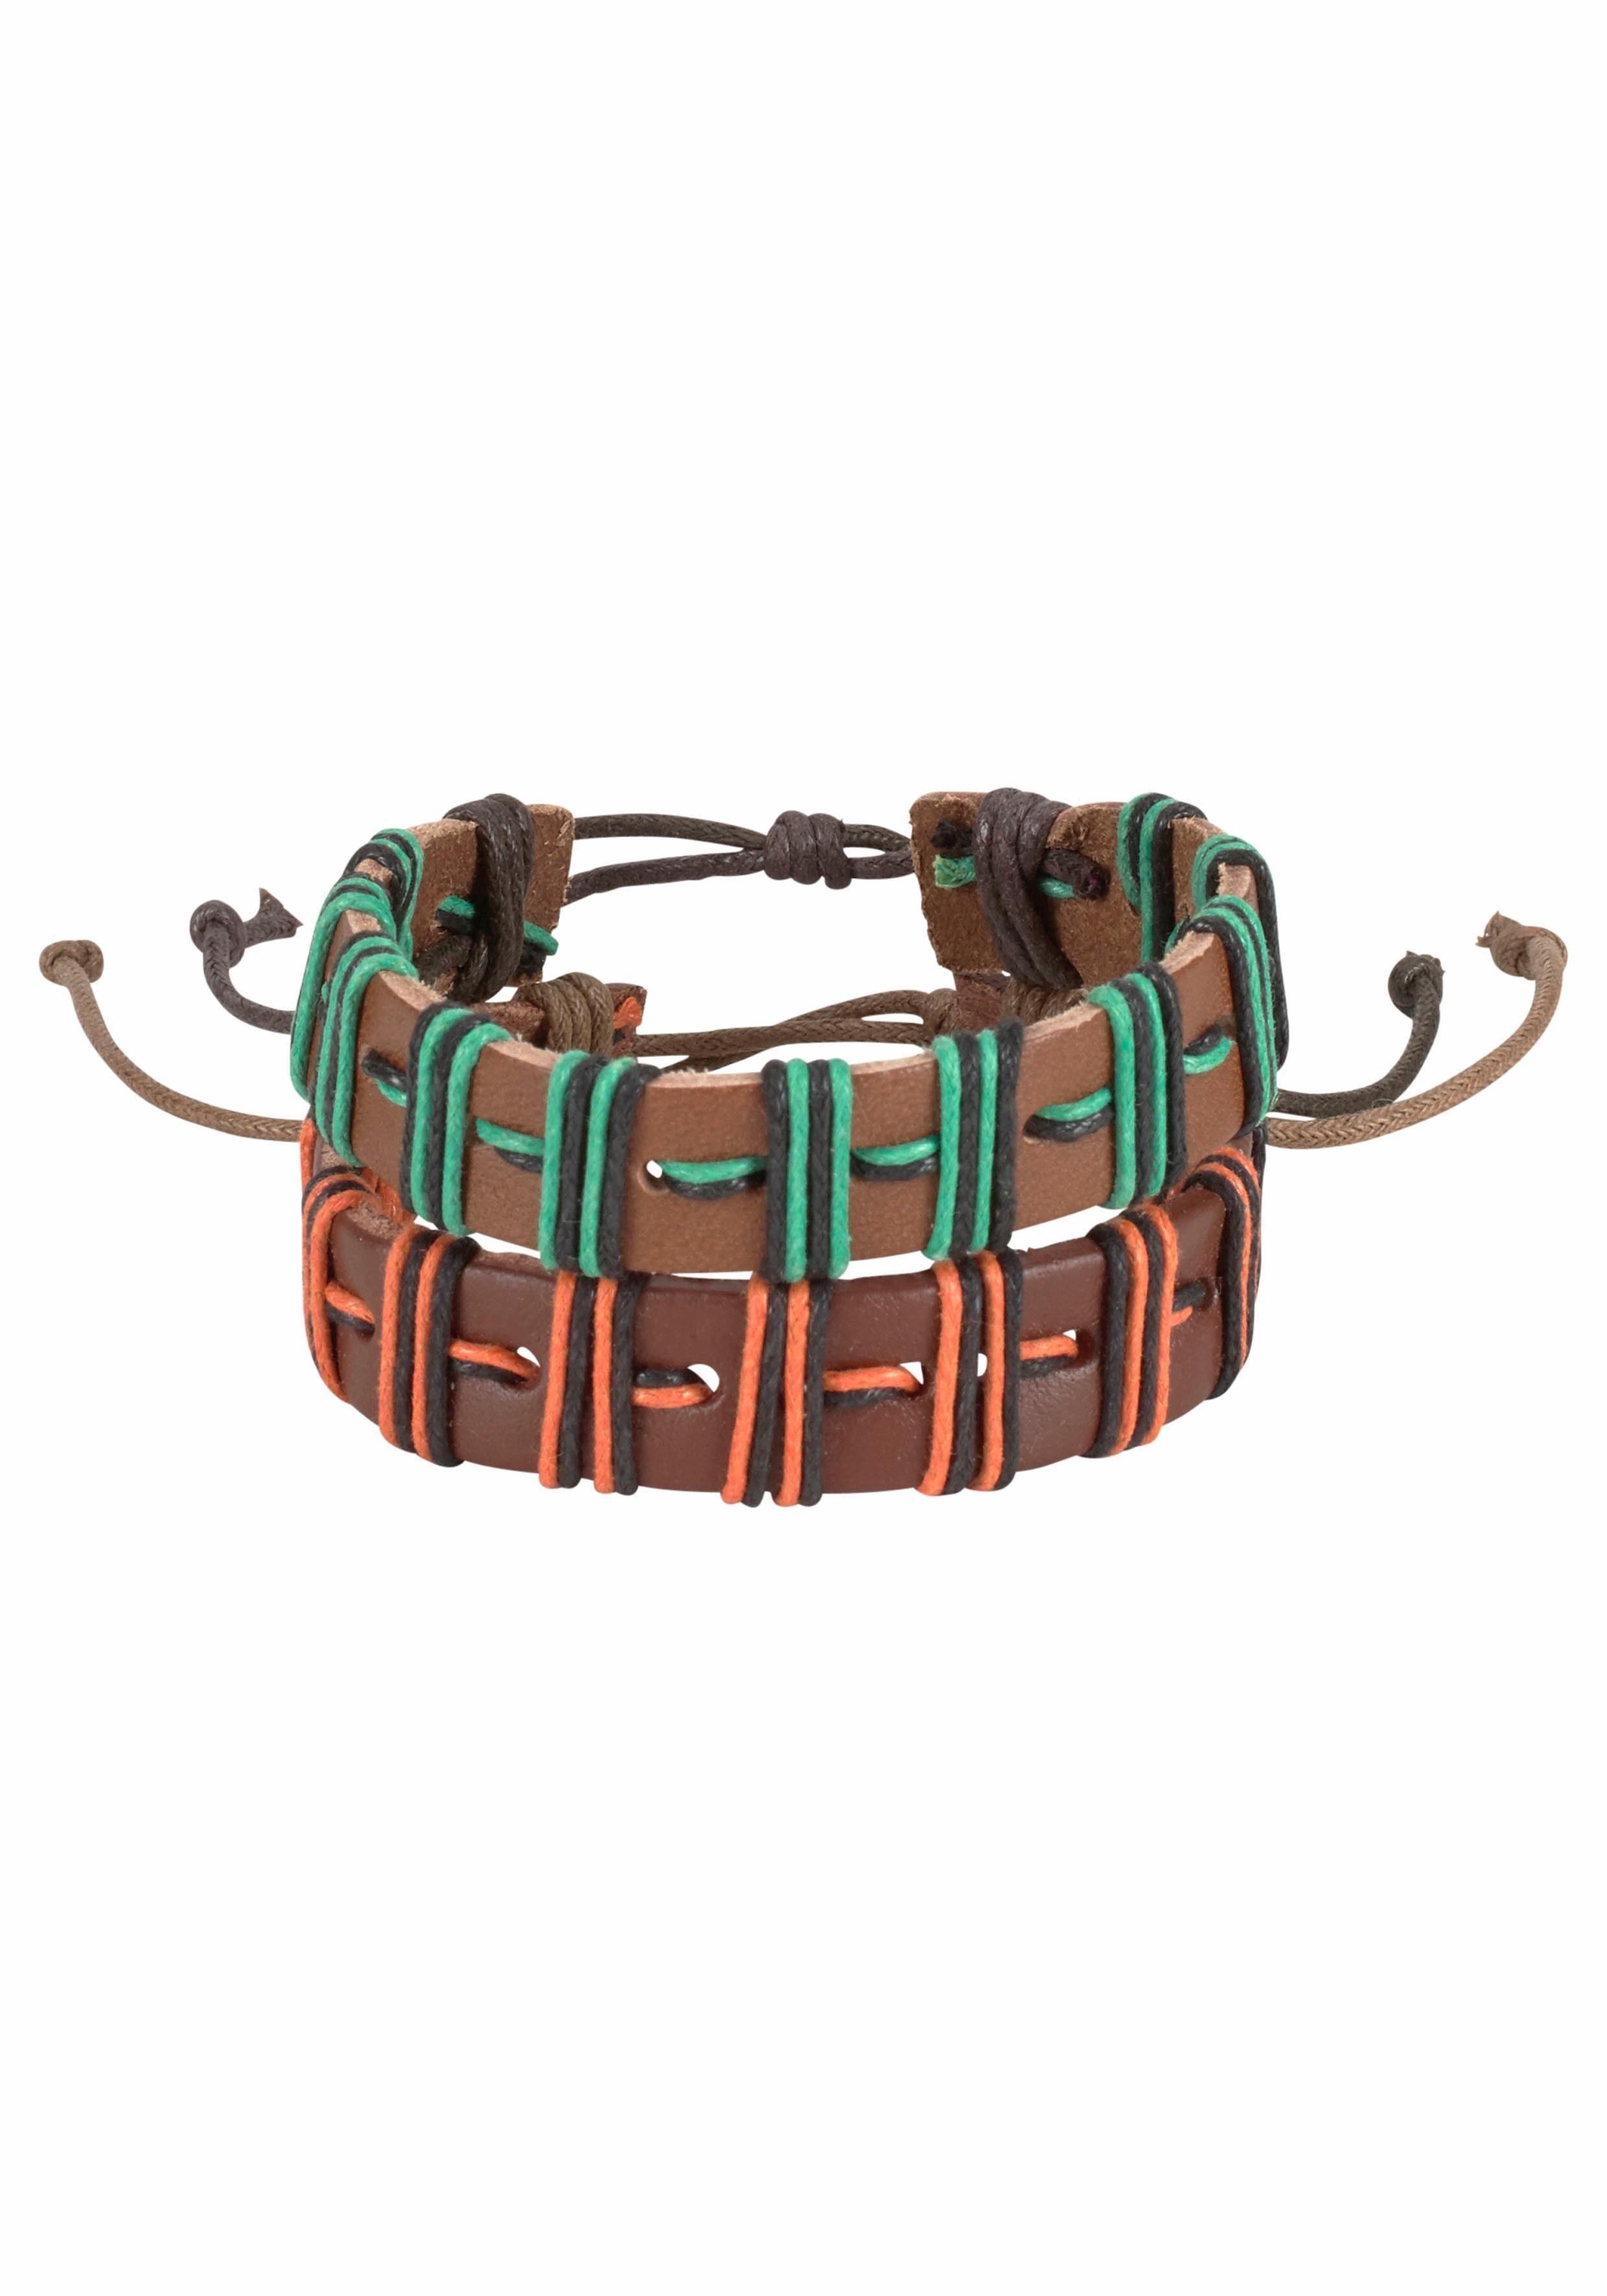 J. Jayz Armband Set mit Verschiebeknoten